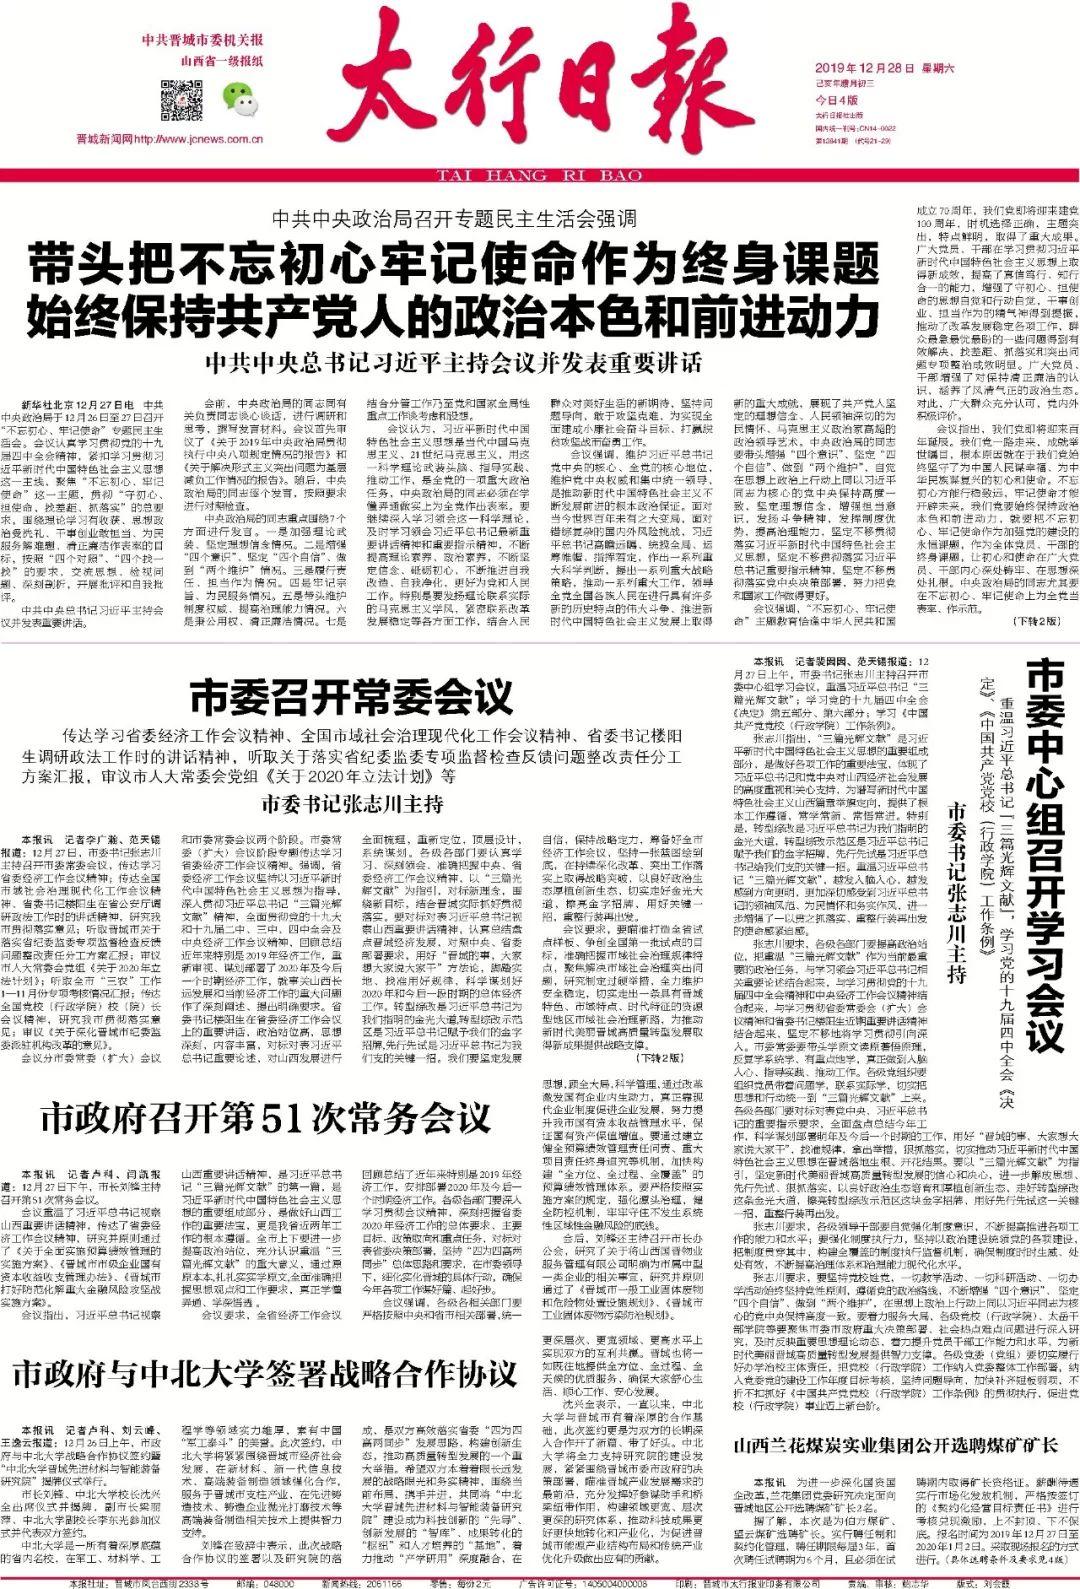 太行日报2019年12月28日电子版